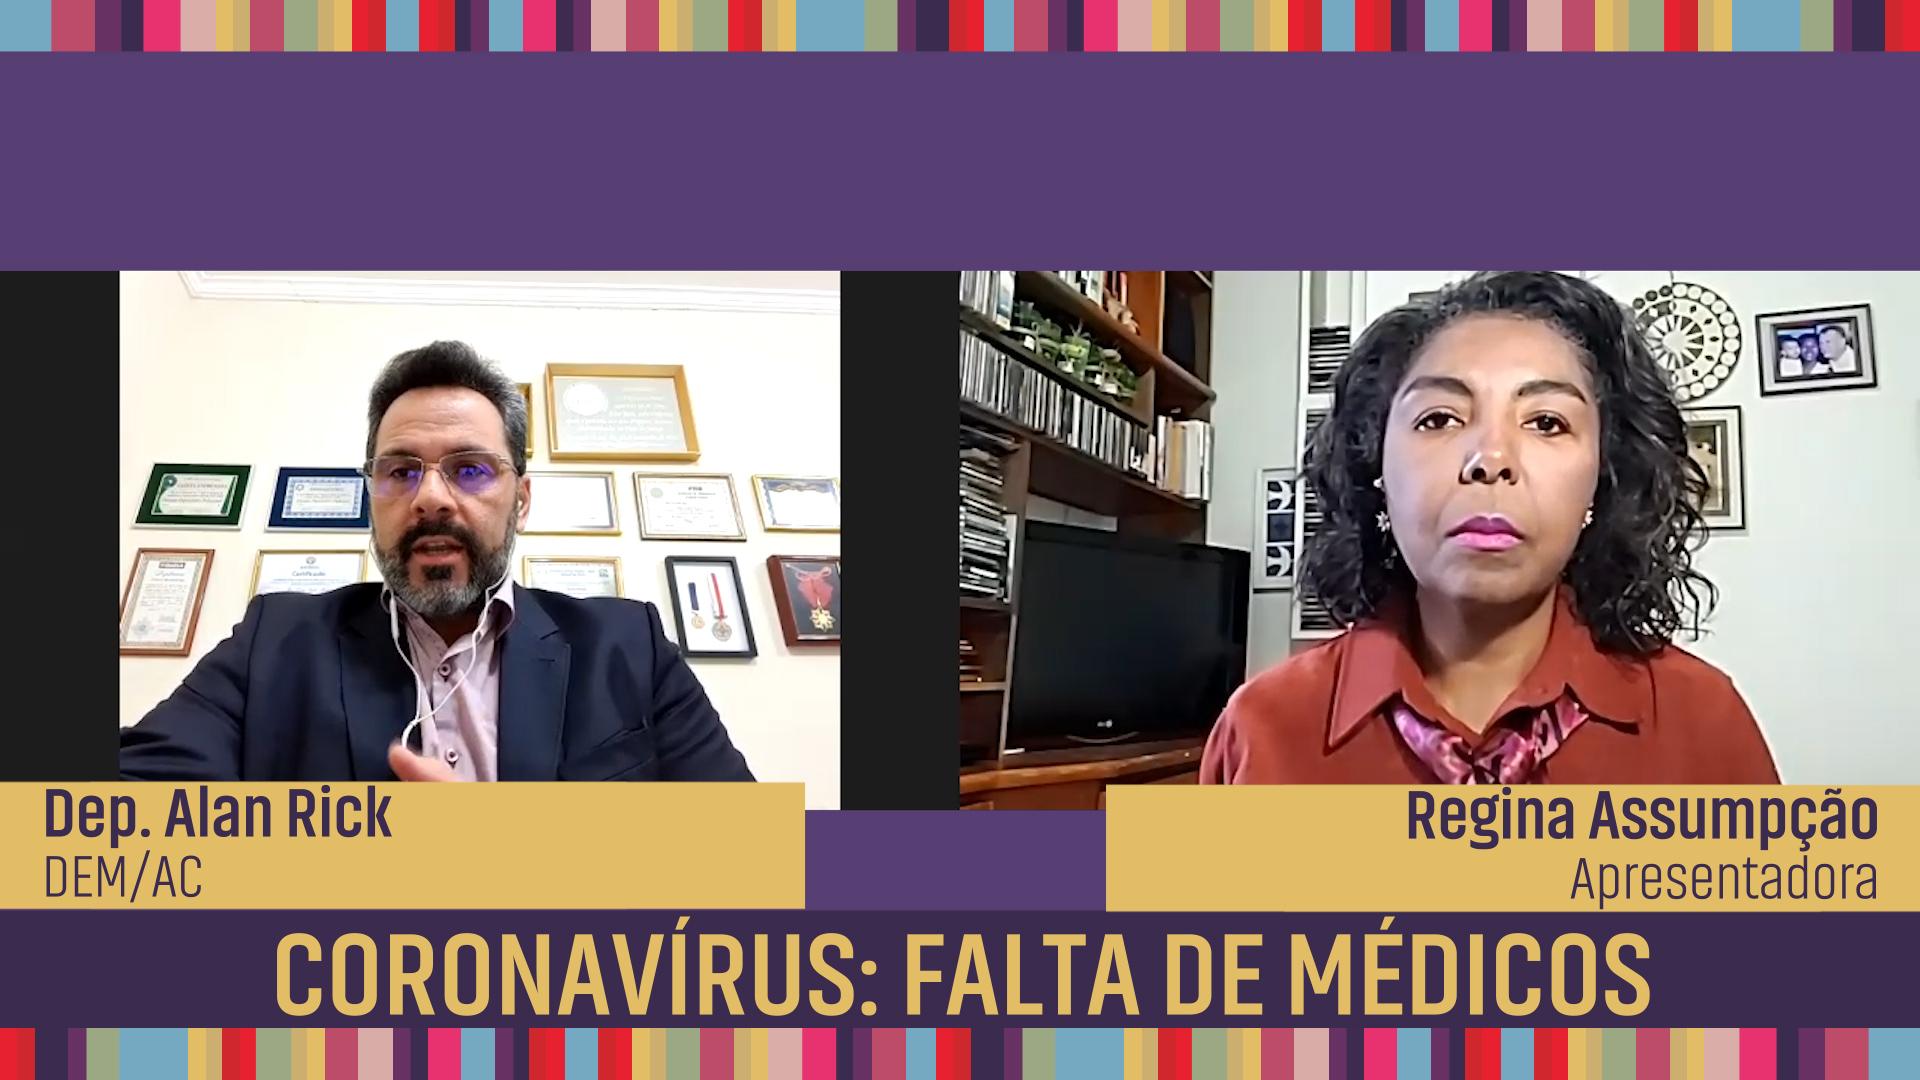 Coronavírus: falta de médicos